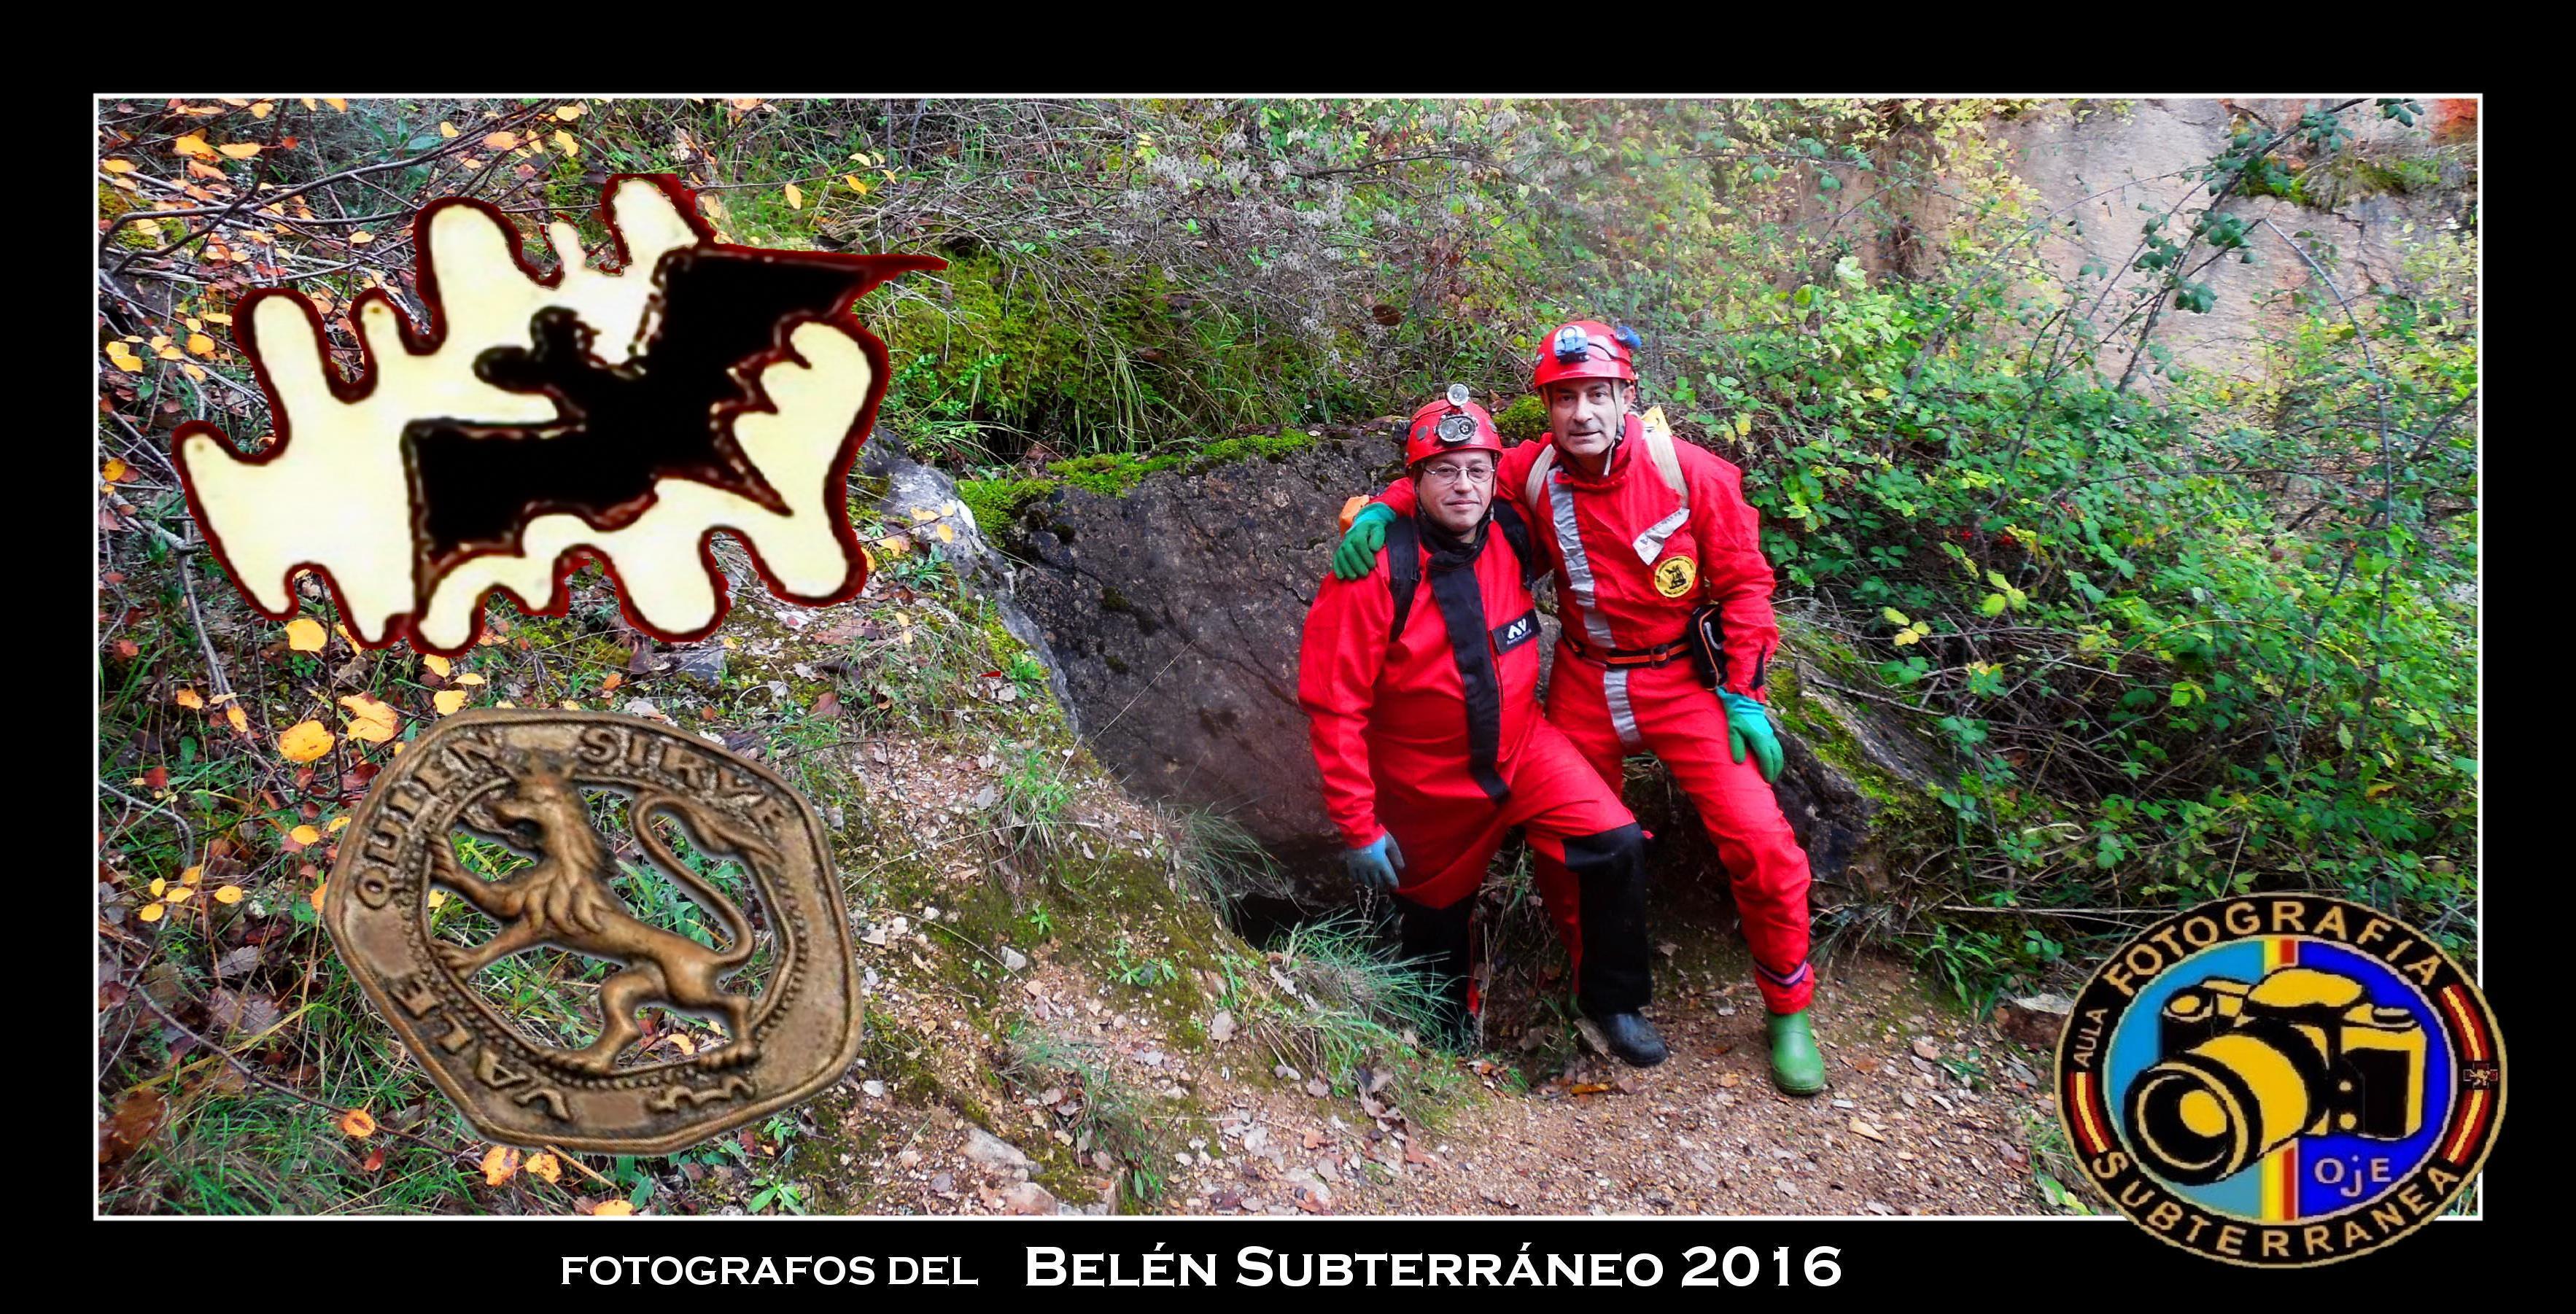 belen-oje-ponferrada-2016-069